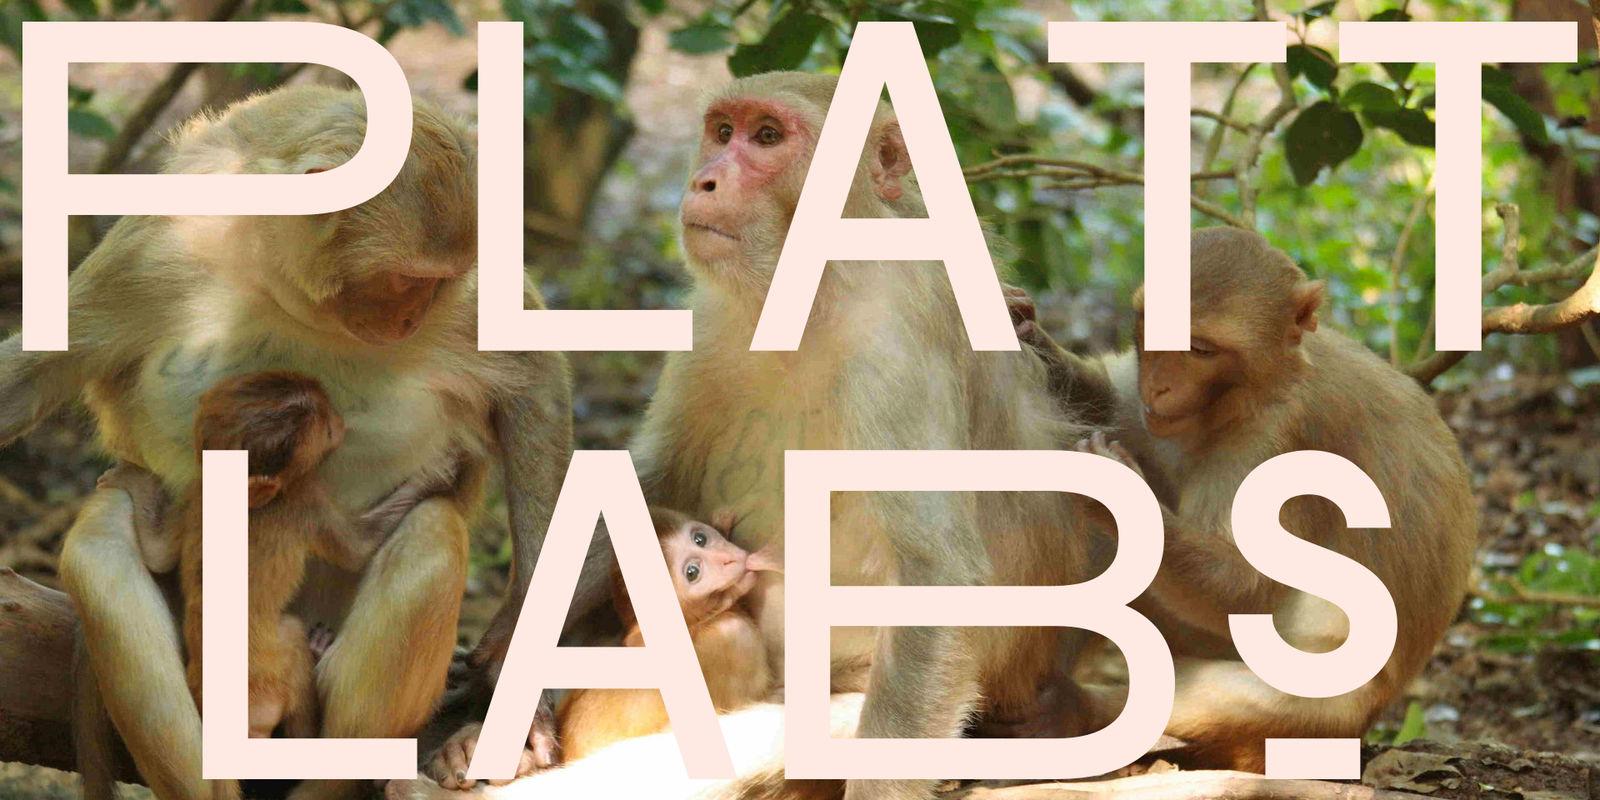 platt labs monkeys